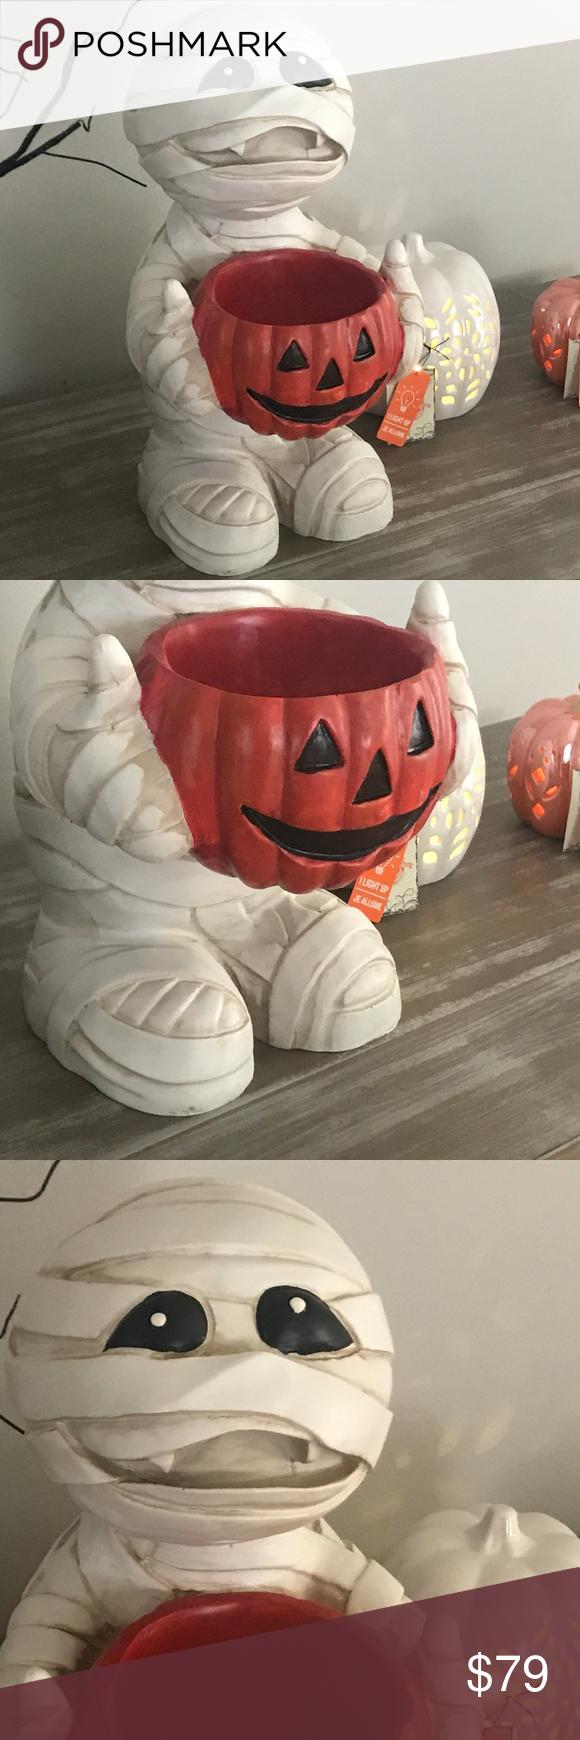 Halloween Mummy Figure Statue Pumpkin Bowl Candy BRAND NEW